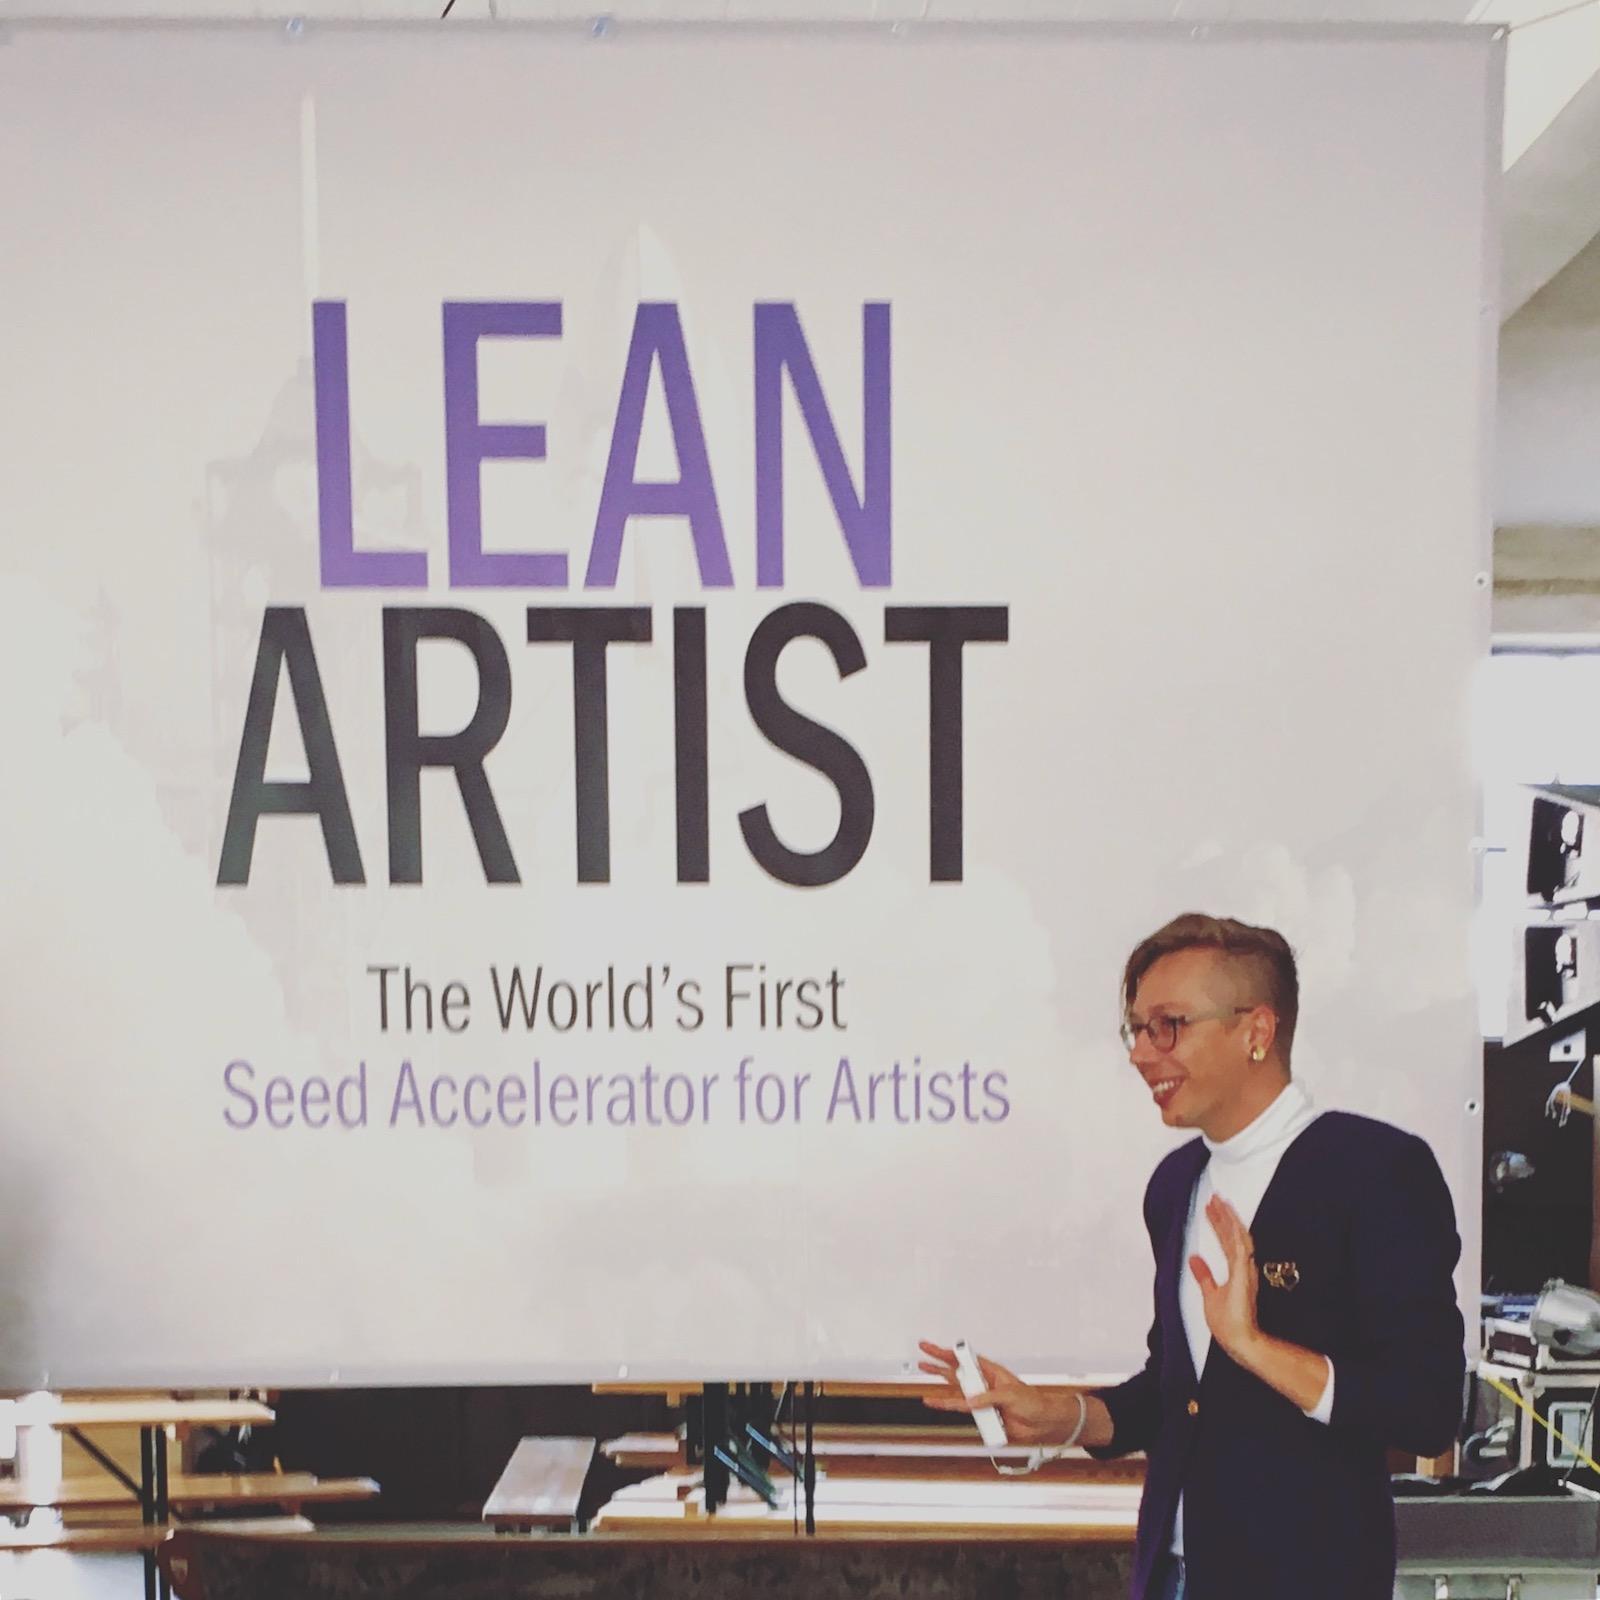 lean artist accelerator - Jeremy Bailey